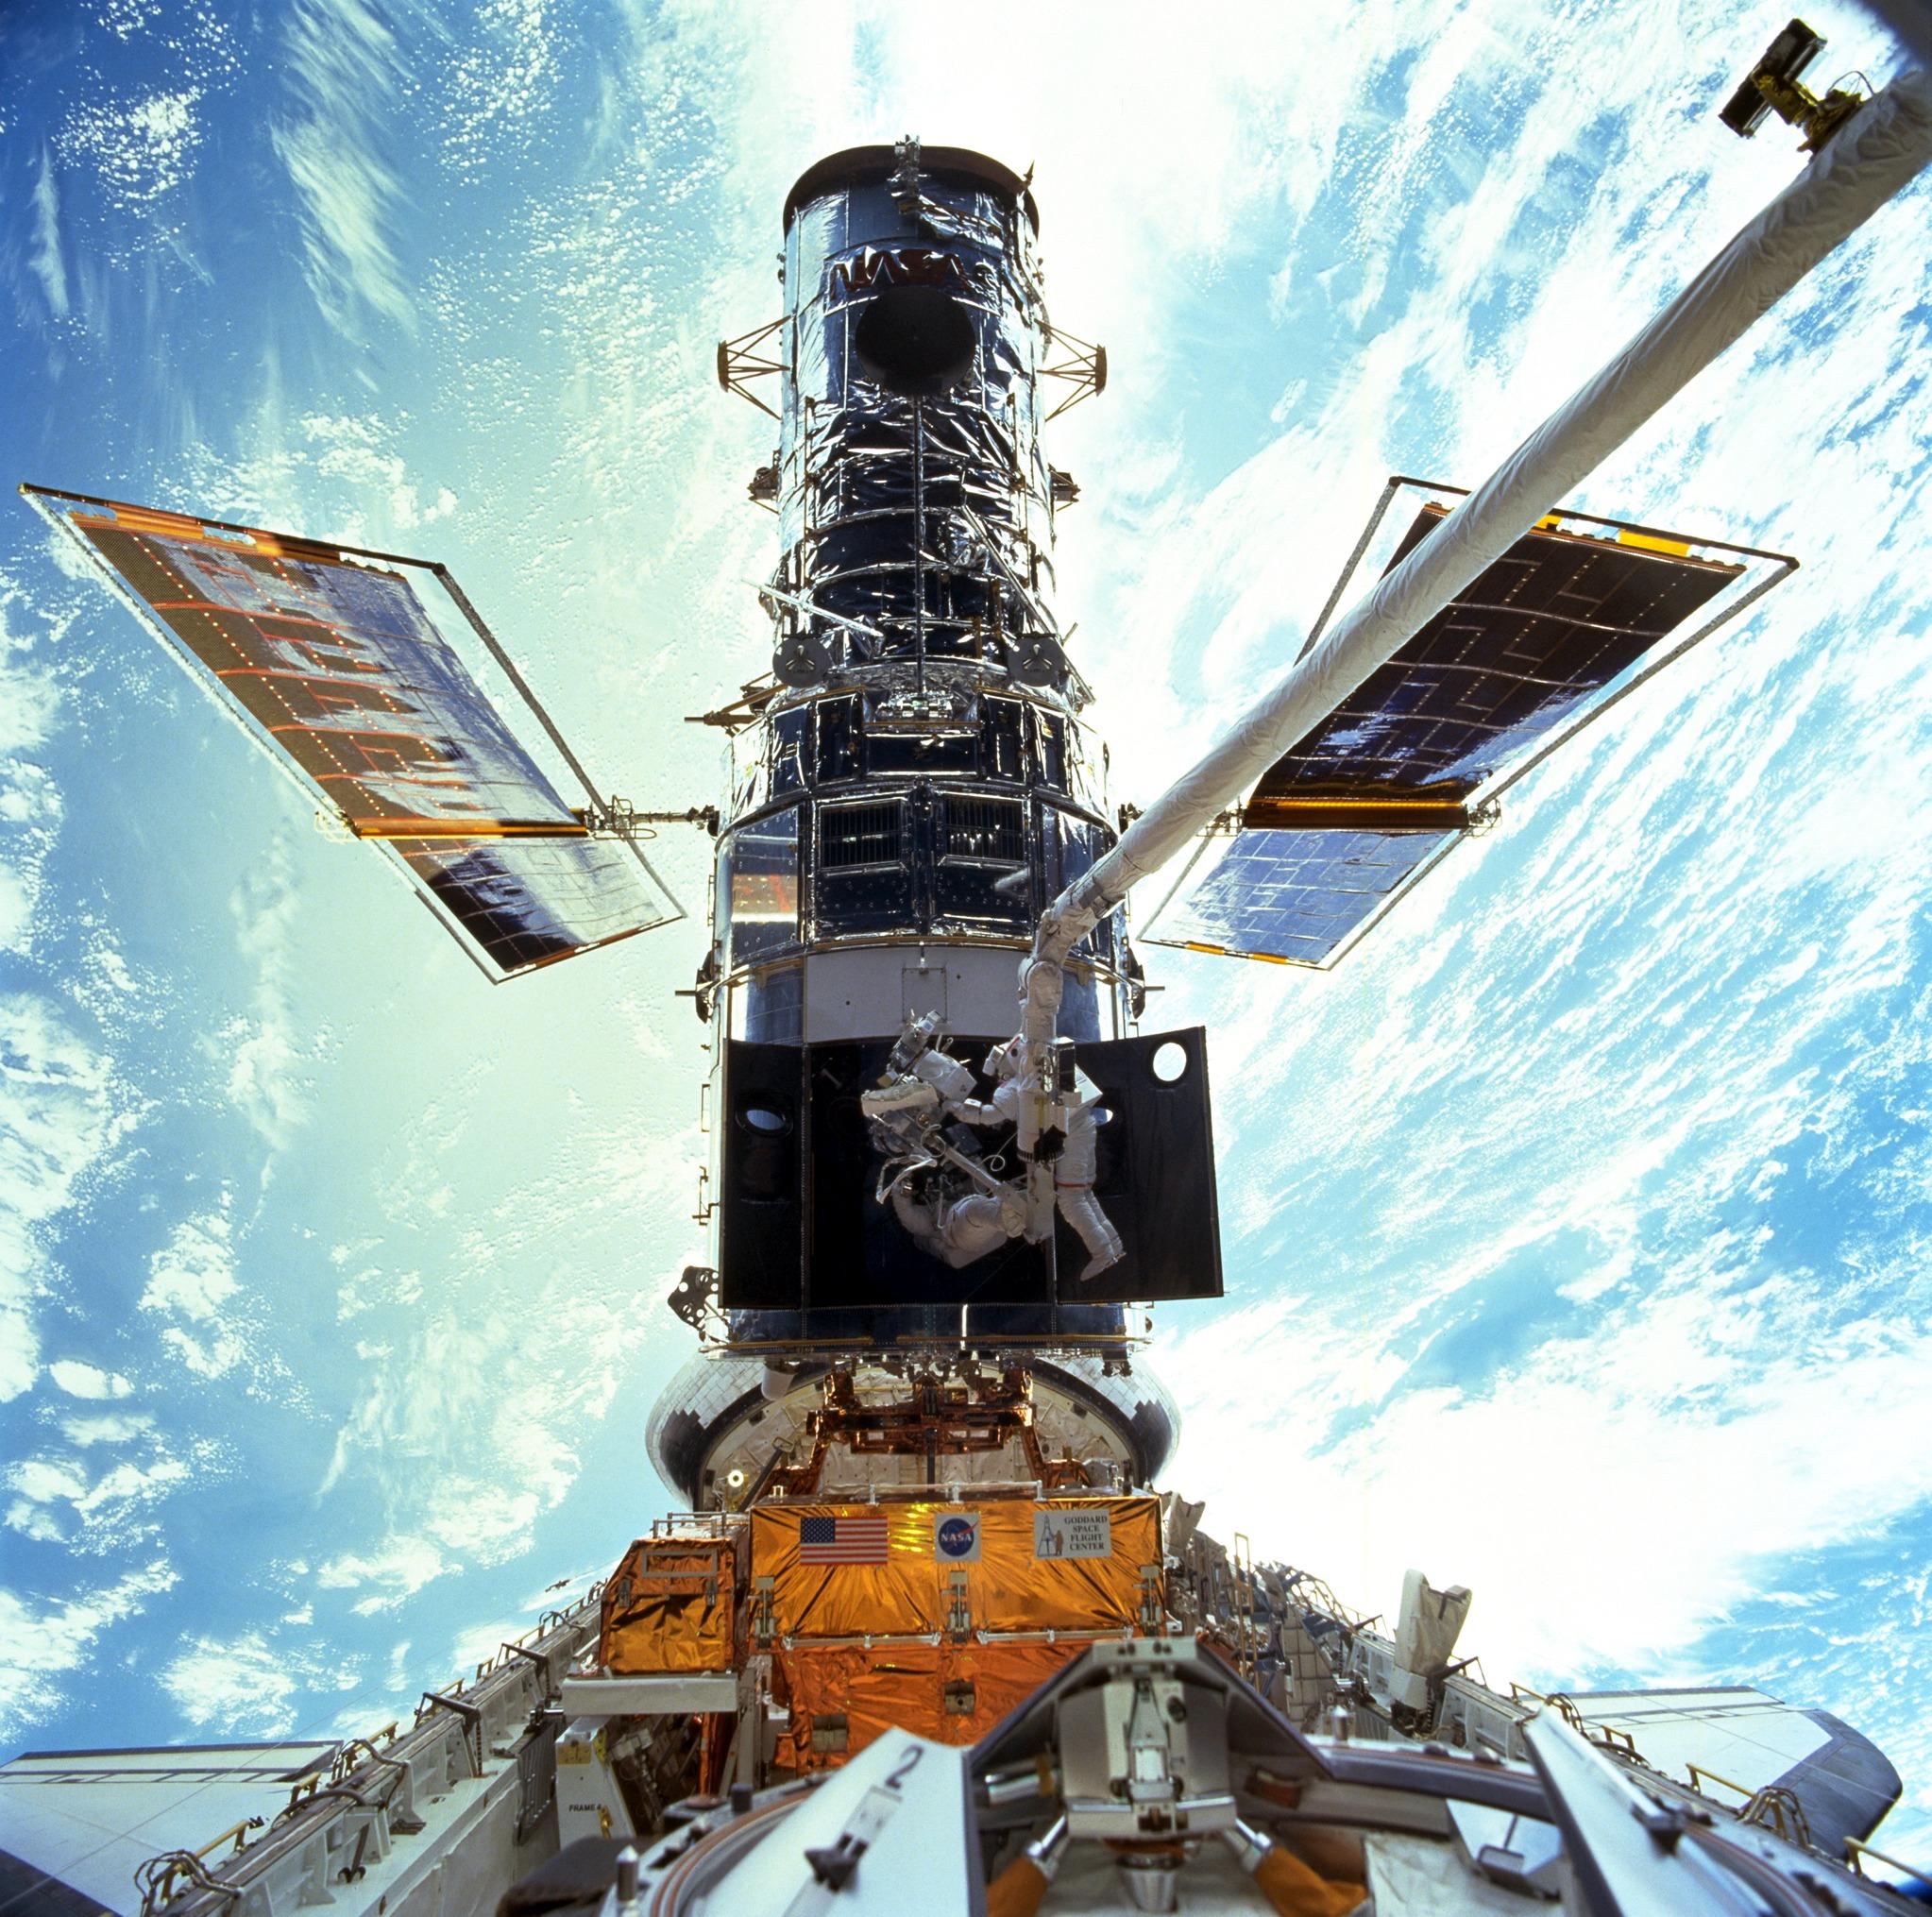 День, когда запустили «Хаббл»